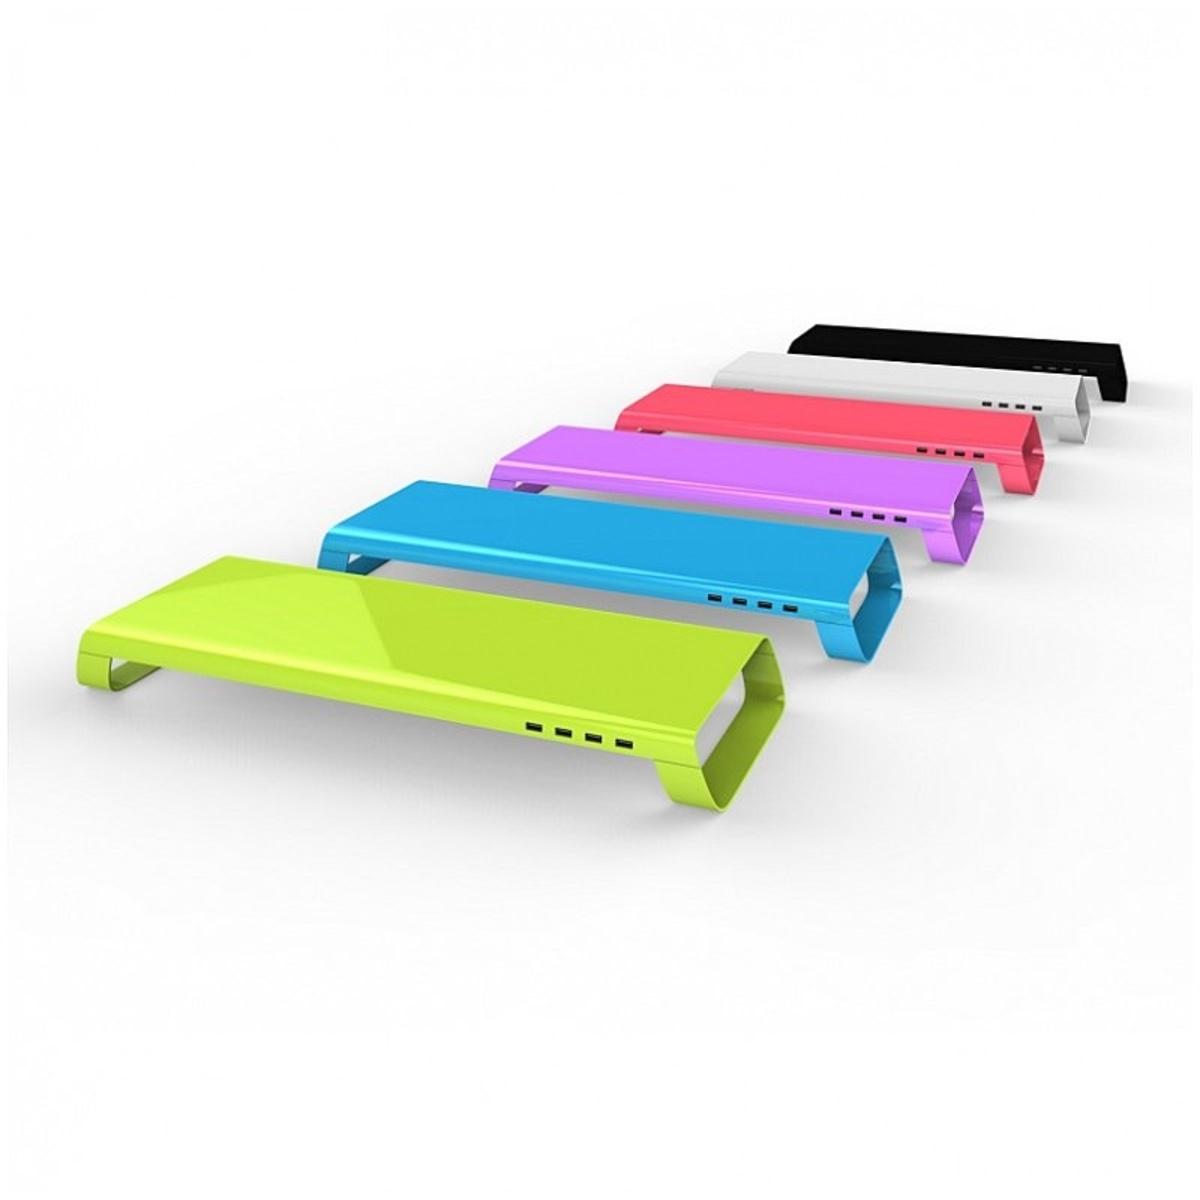 四組 USB 2.0 擴充插槽  (SKY BLUE)